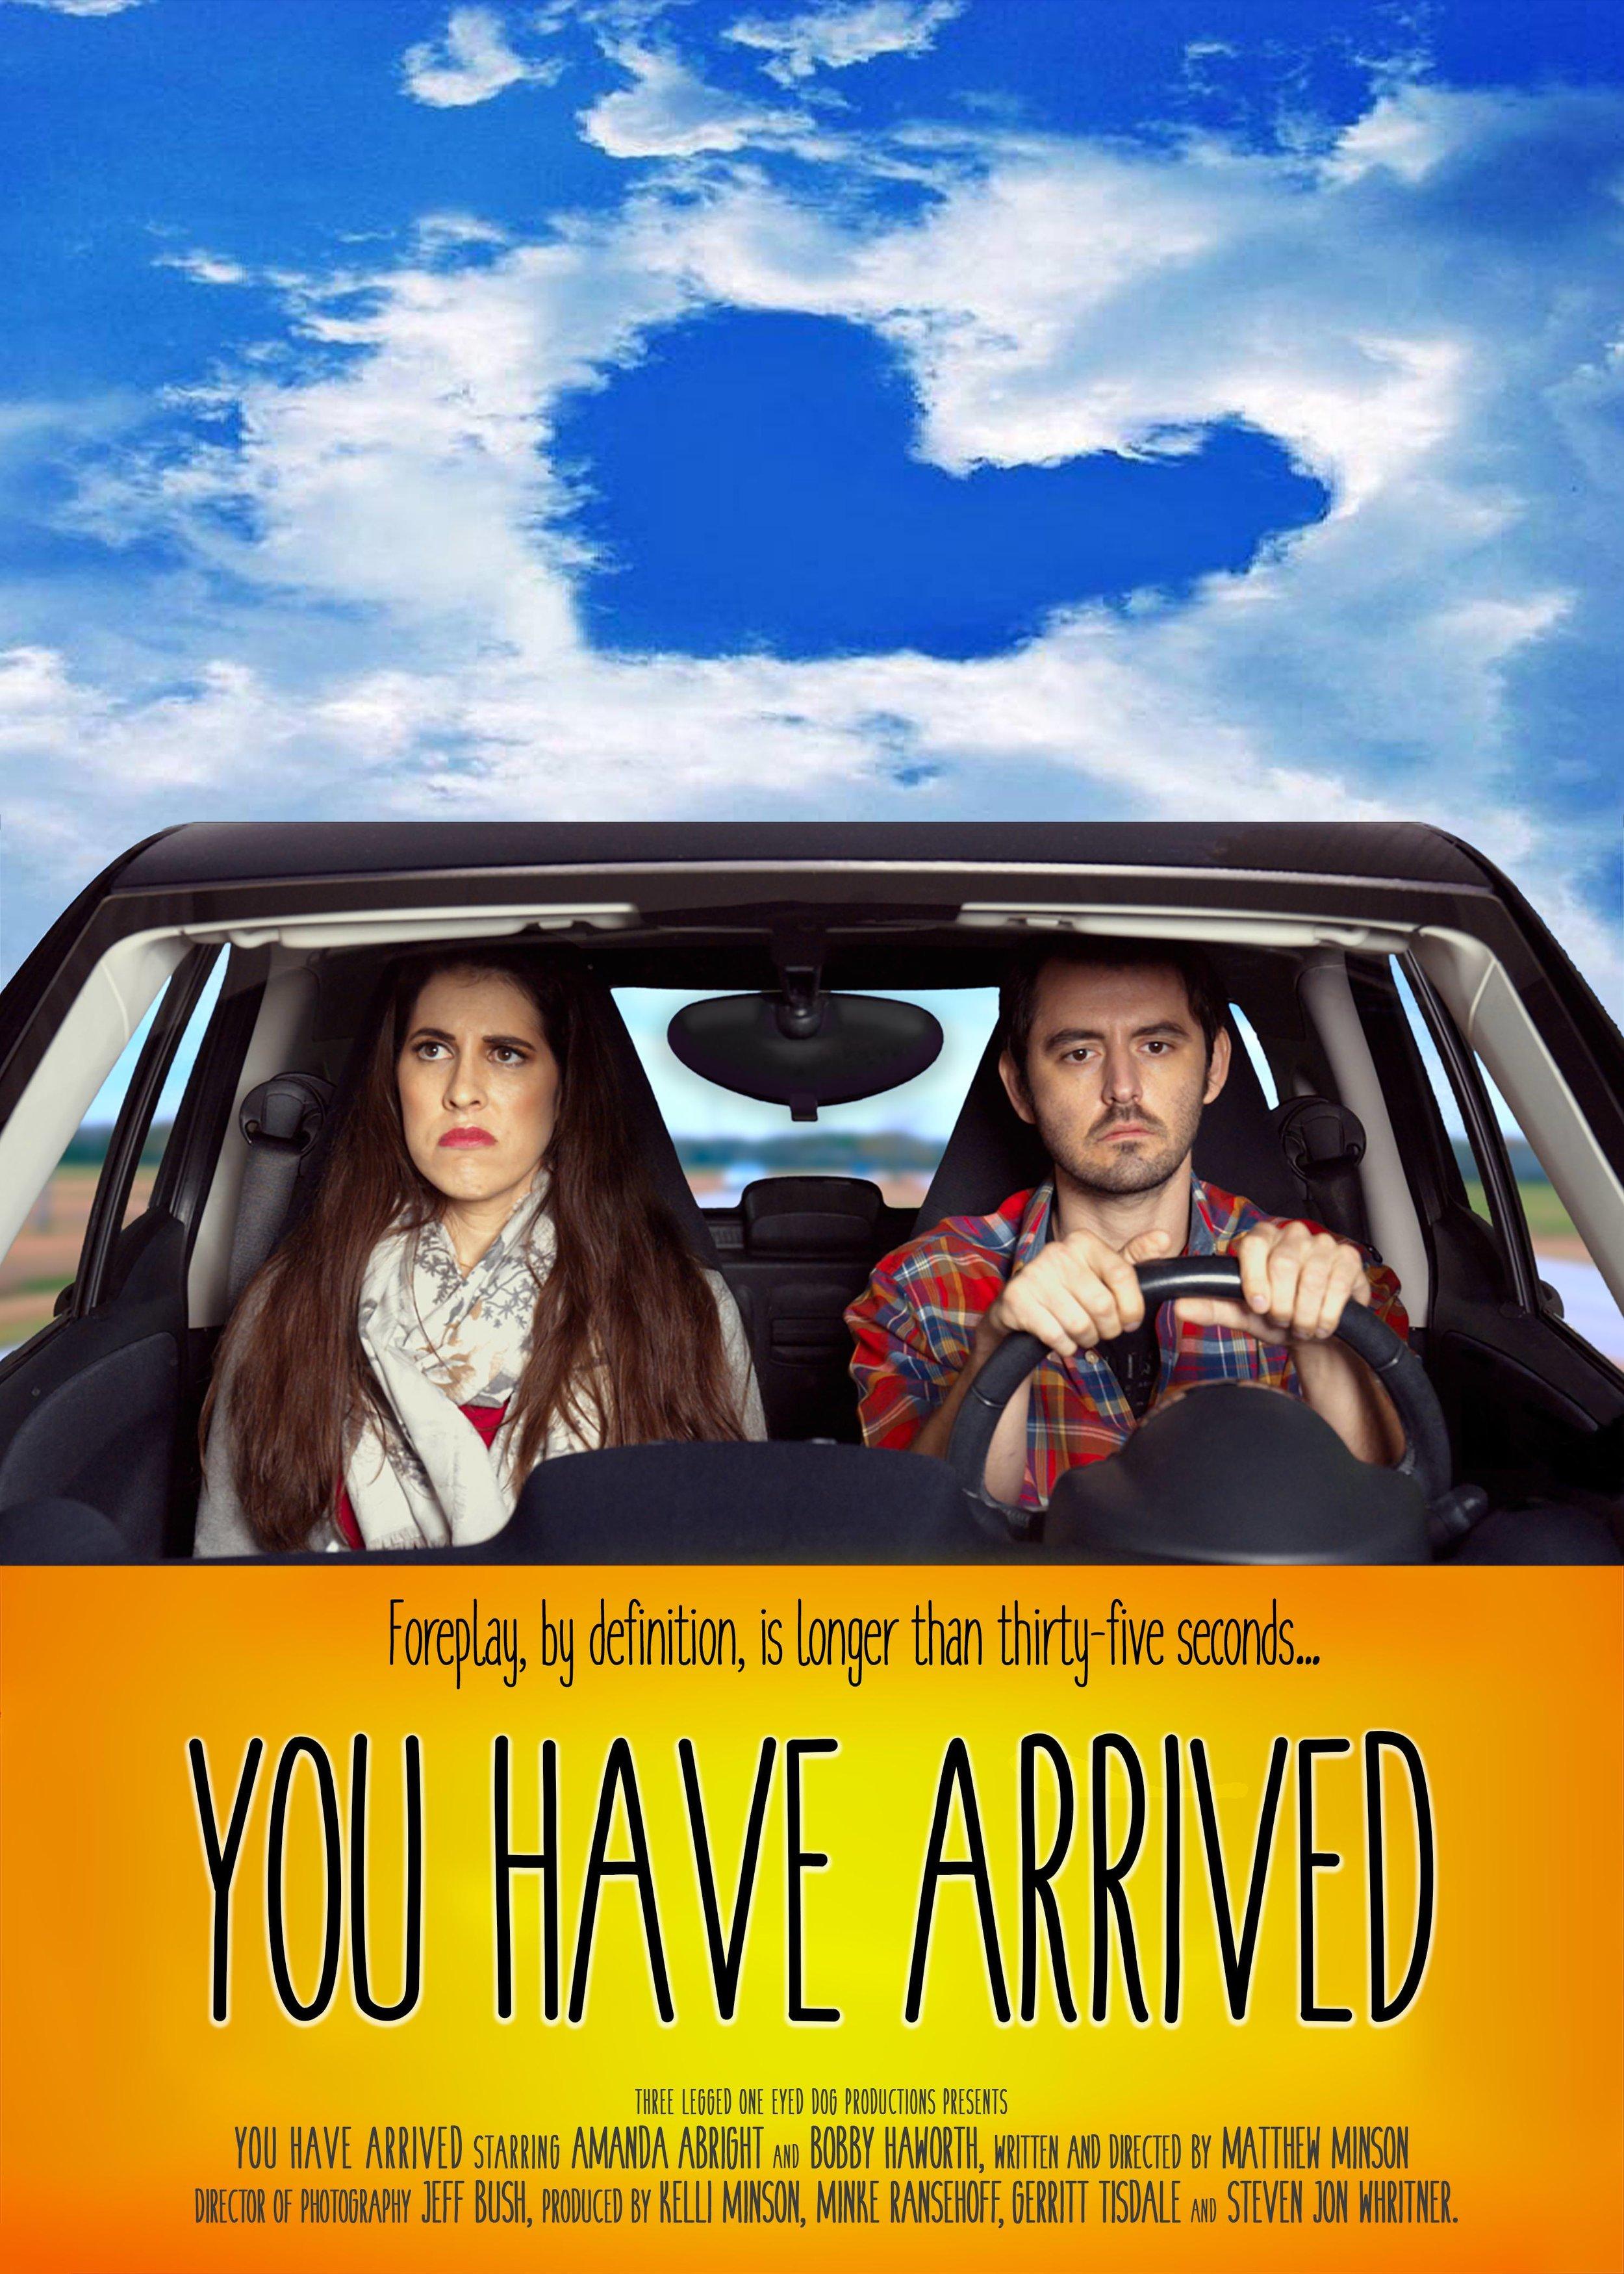 YOU HAVE ARRIVED - Film Poster.jpg